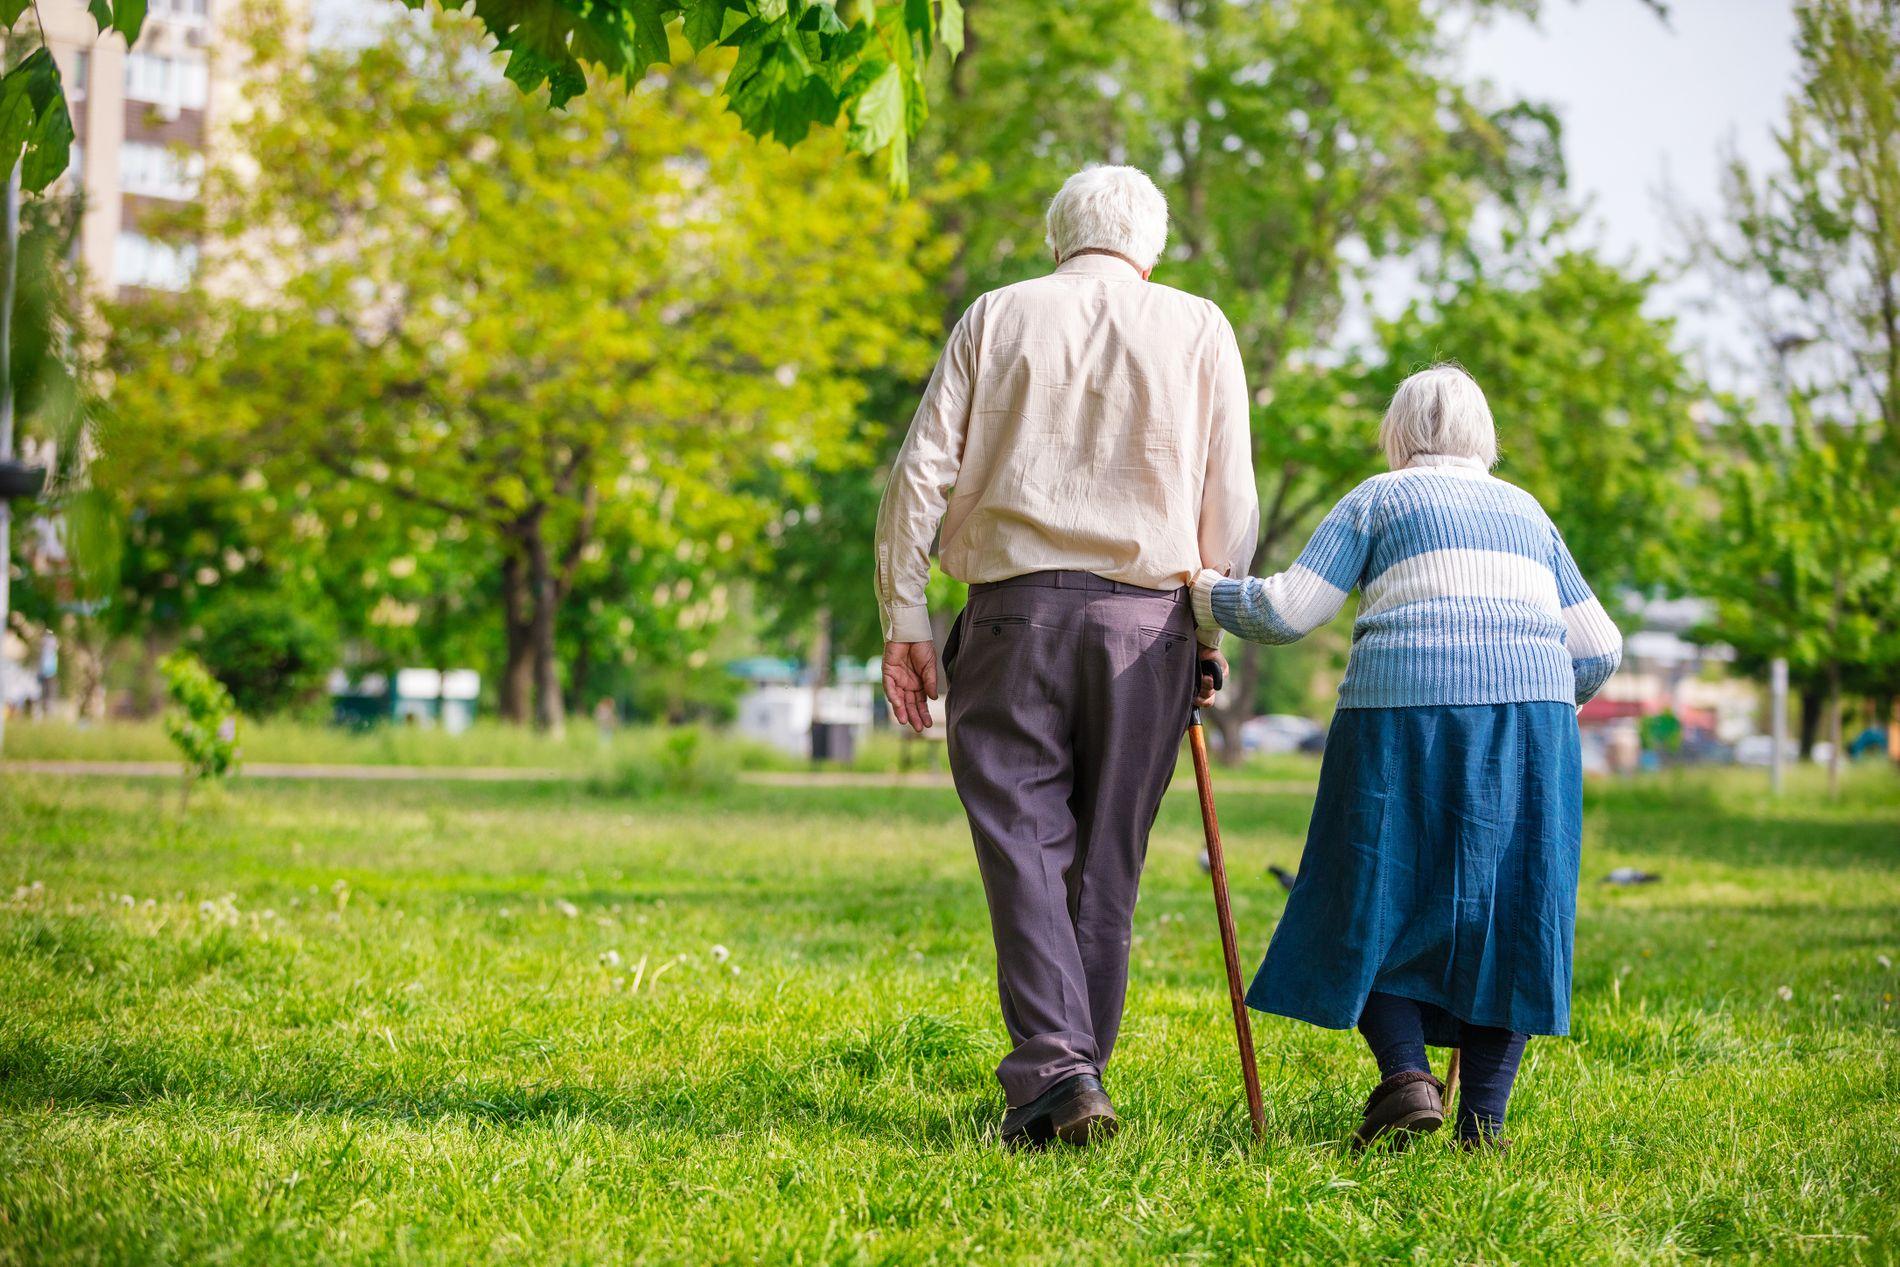 FORSIKTIG LIV: Dette er menneskene som har levd et forsiktig liv for å kunne klare seg i alderdommen, skriver innsender.